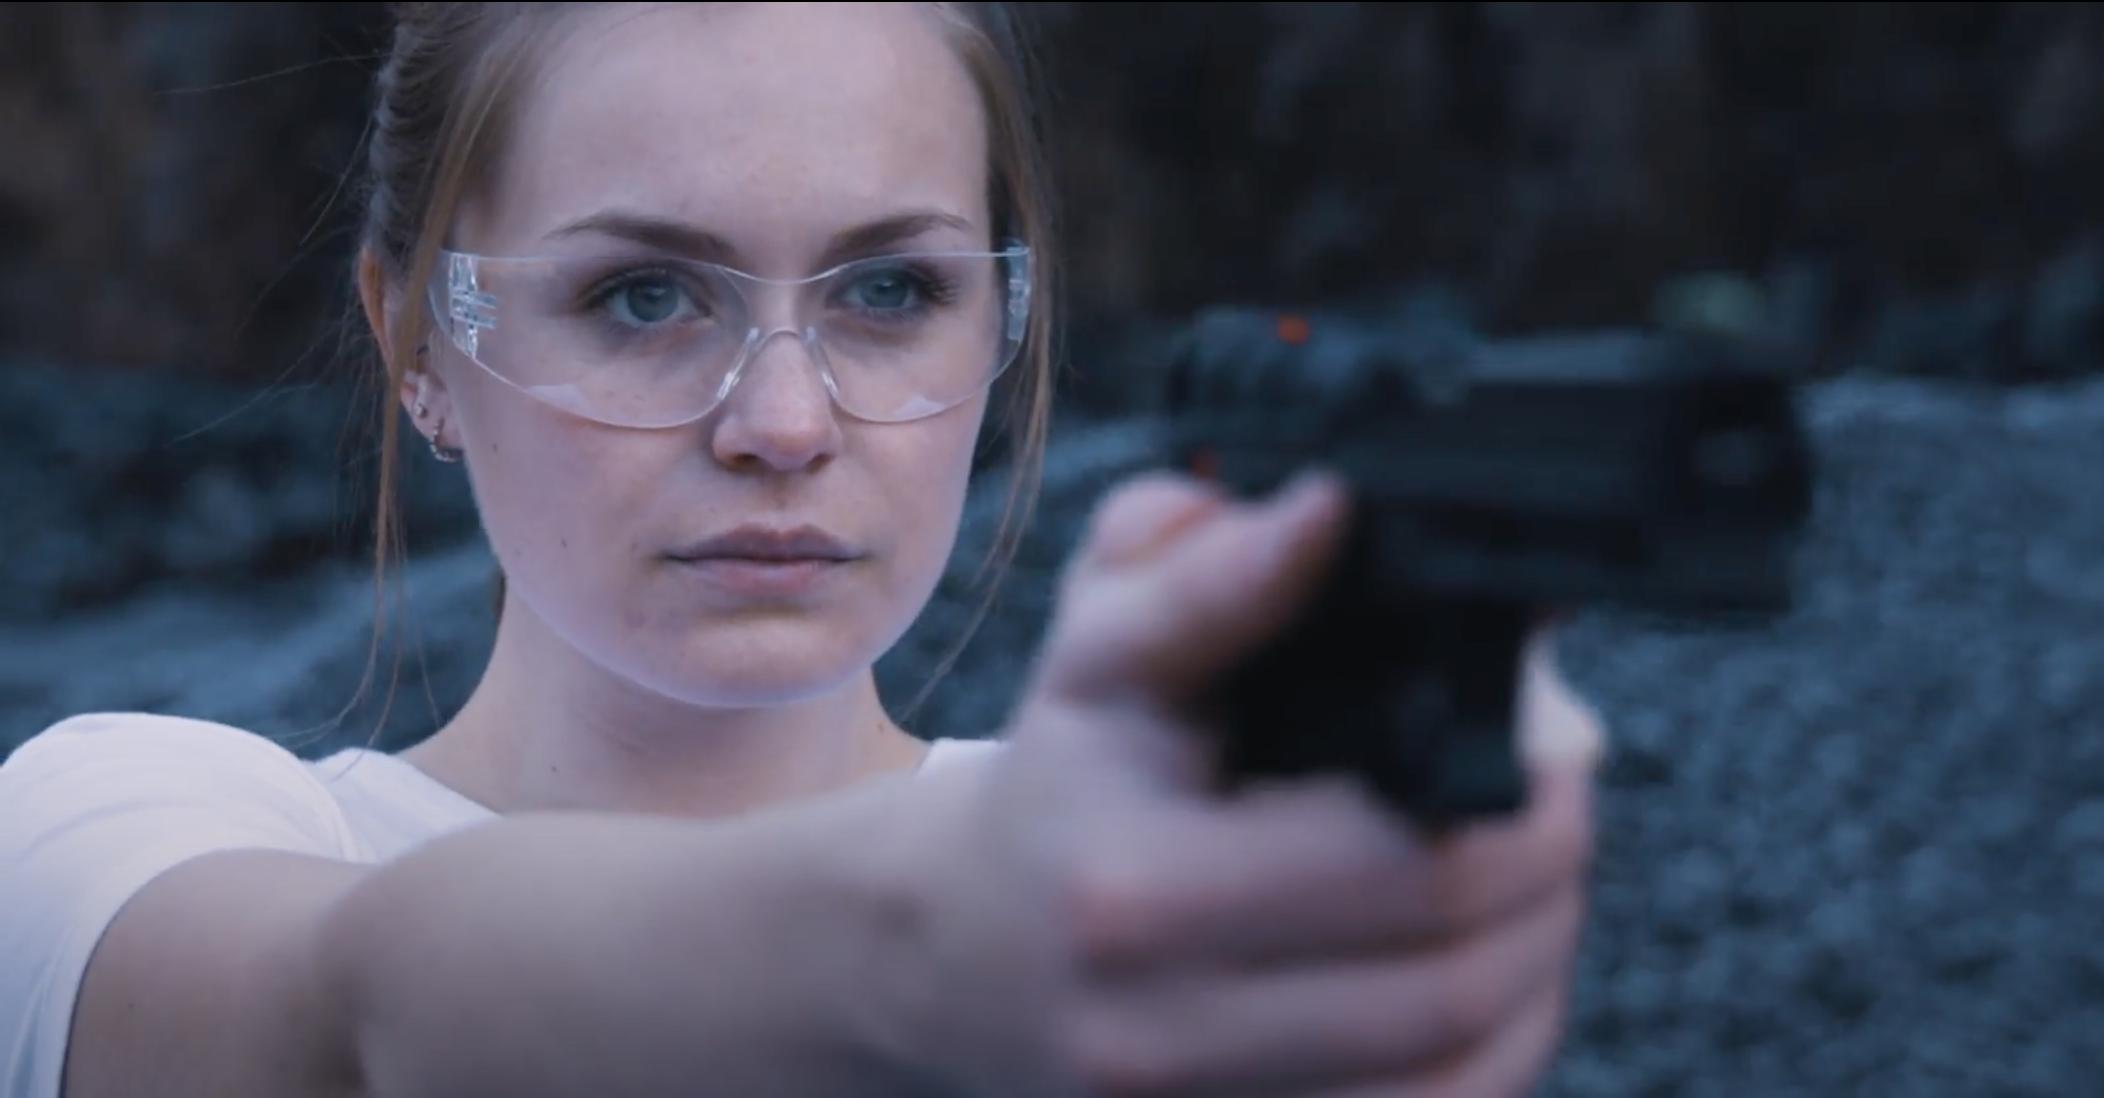 Firearms for Women